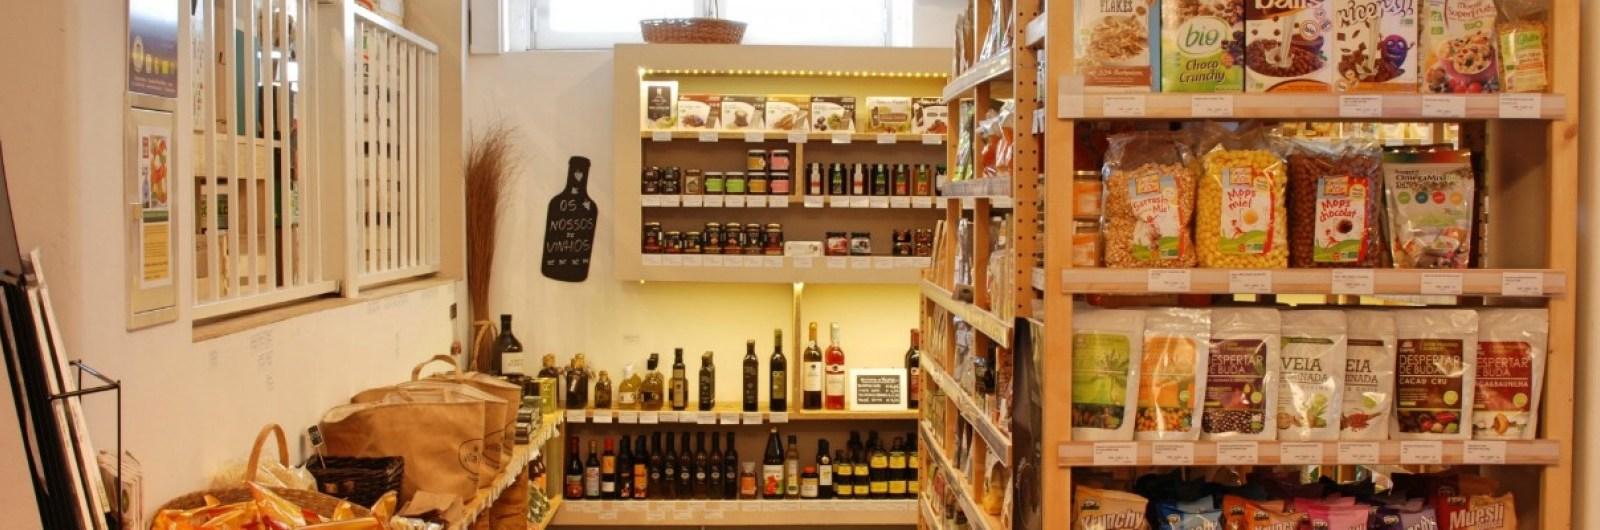 loja de produtos biológicos